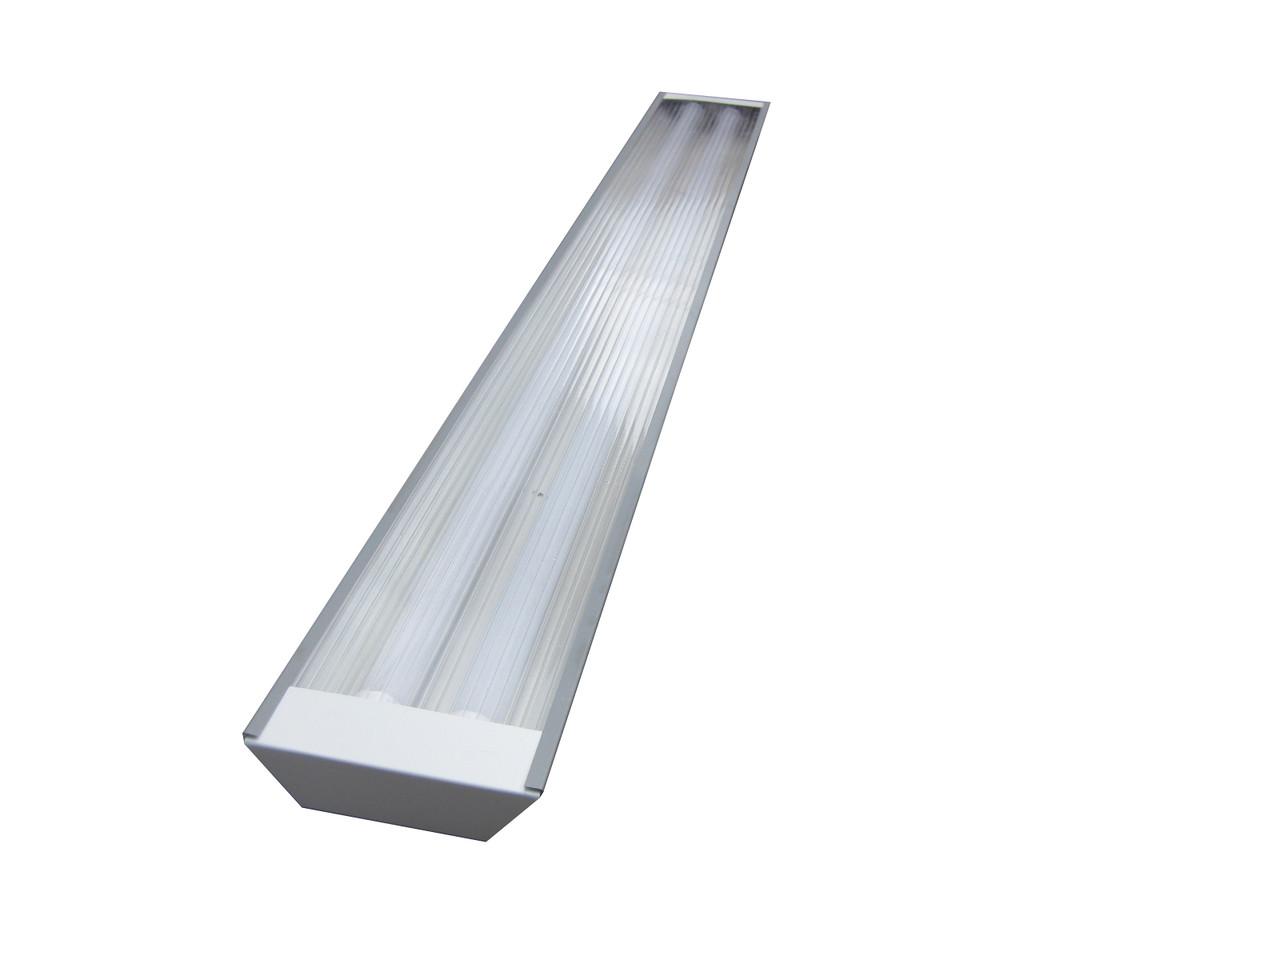 Светильник под LED лампу трассовый 2х1200мм CТ - 02